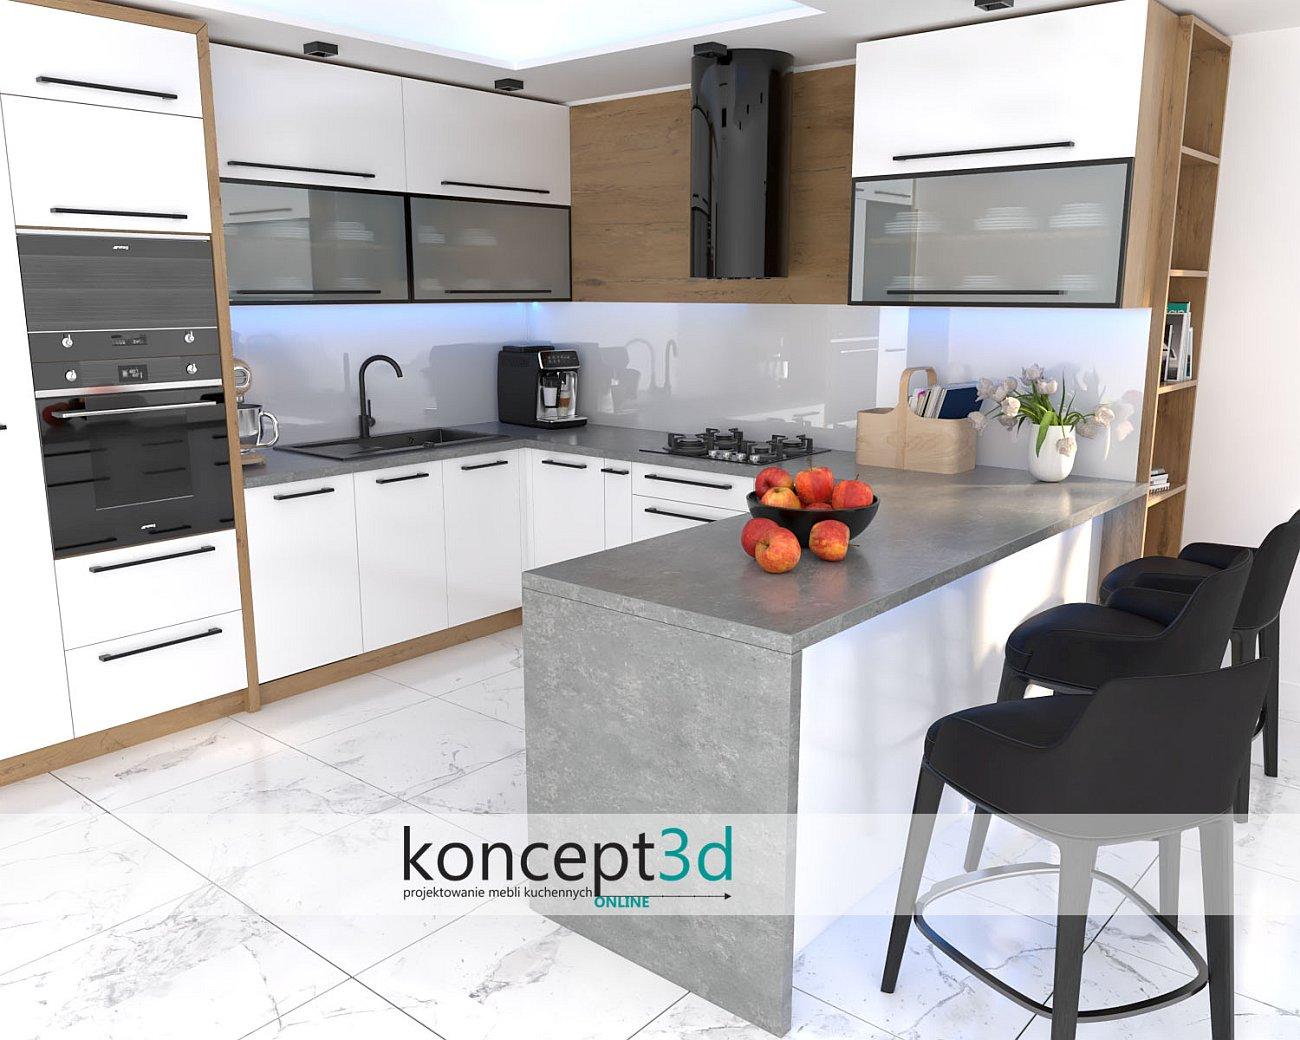 Aranżacja białych mebli kuchennych z blatem Kronospan 4272   inspiracje kuchenne koncept3d   meble Kraków